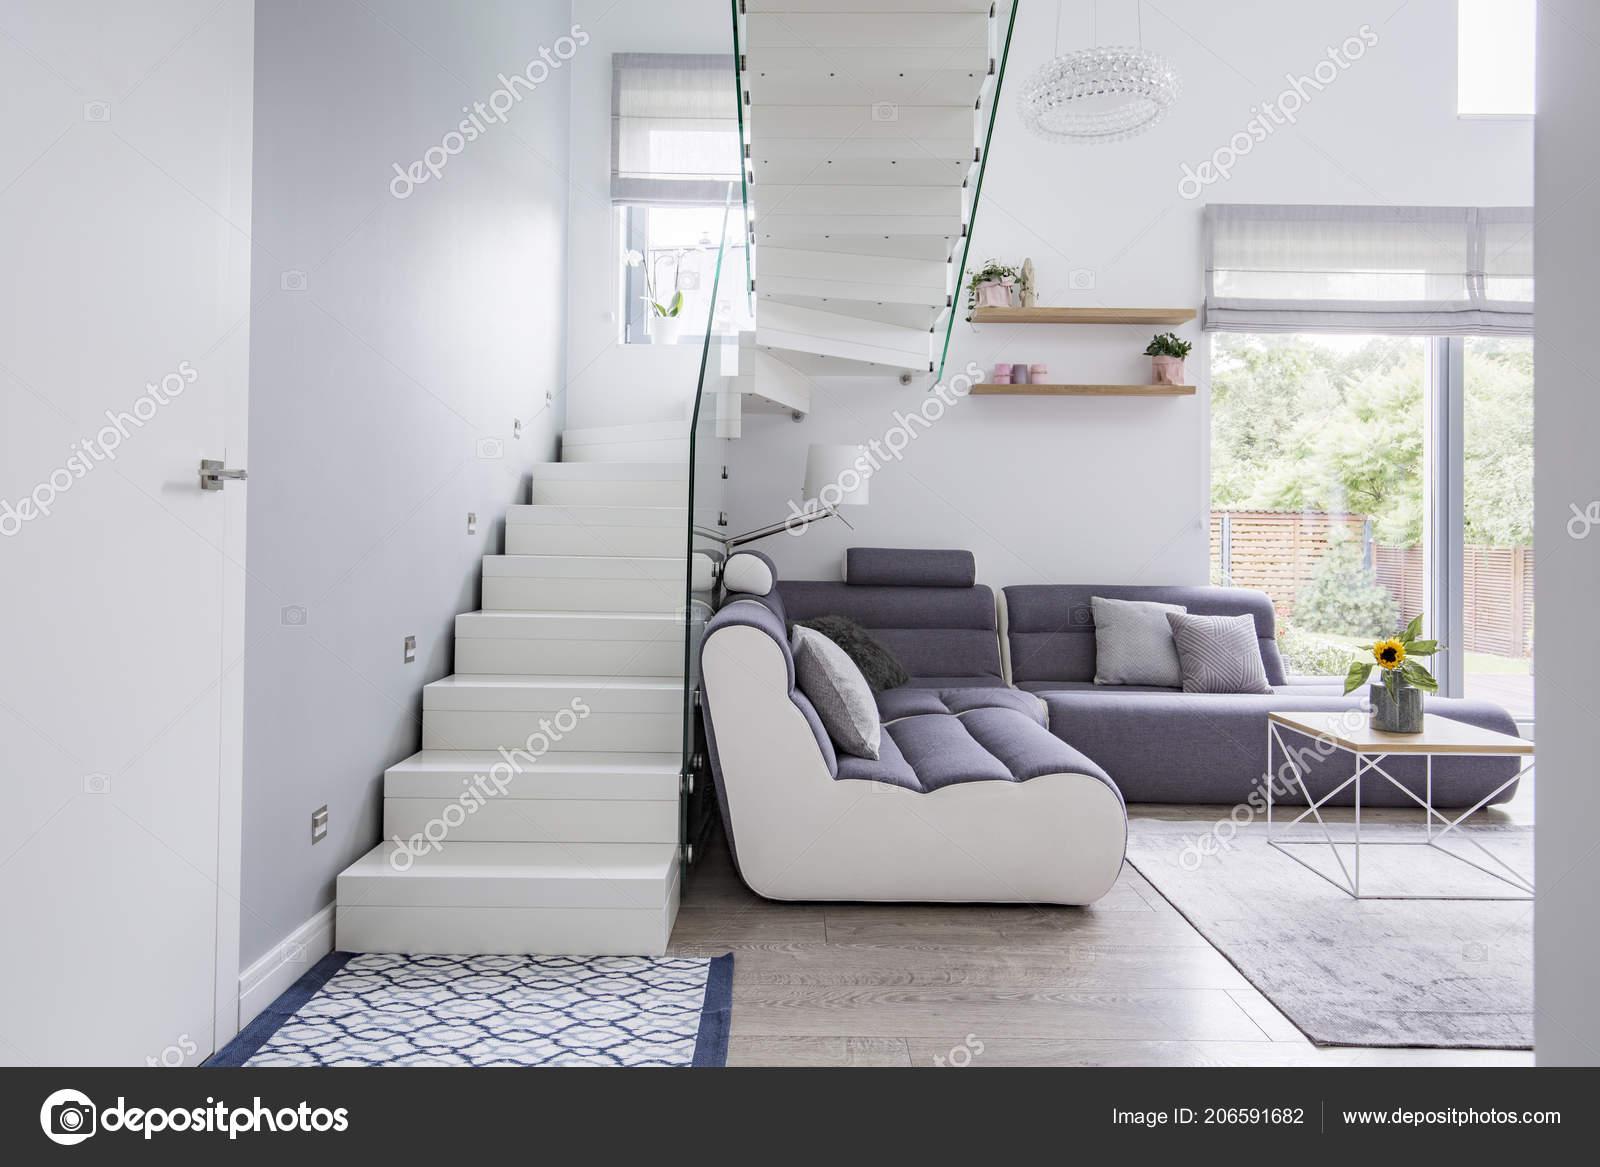 Canape Grand Moderne Dans Decor Salon Blanc Avec Naturel